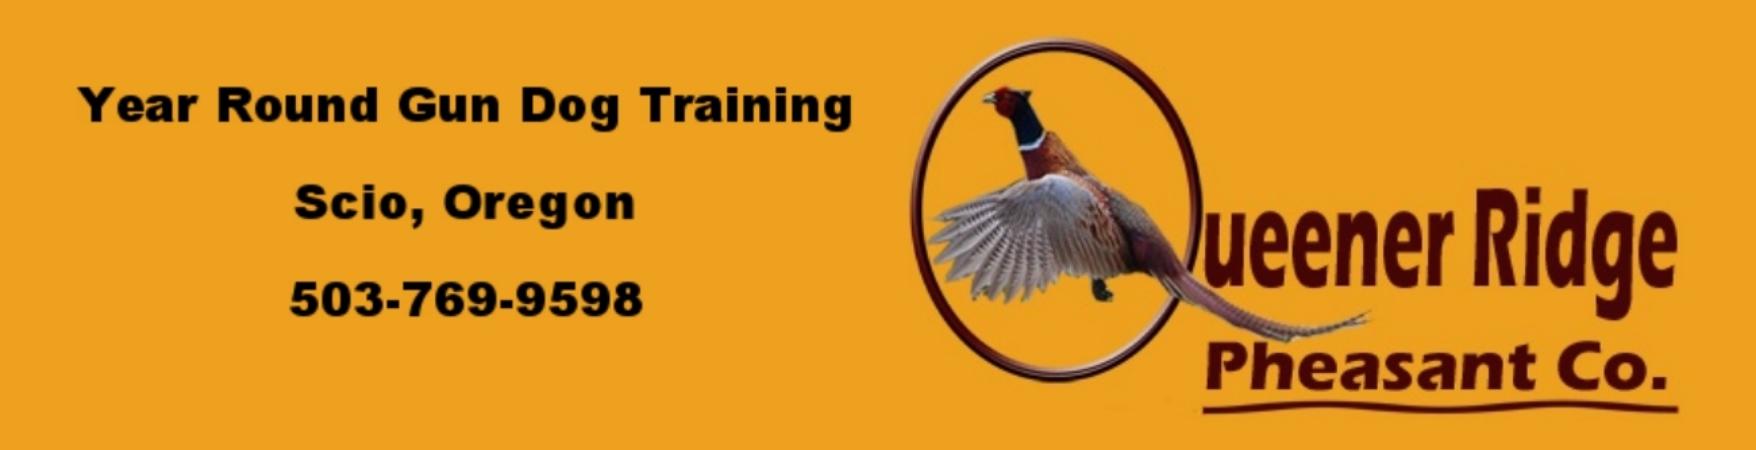 Queener Ridge Pheasants